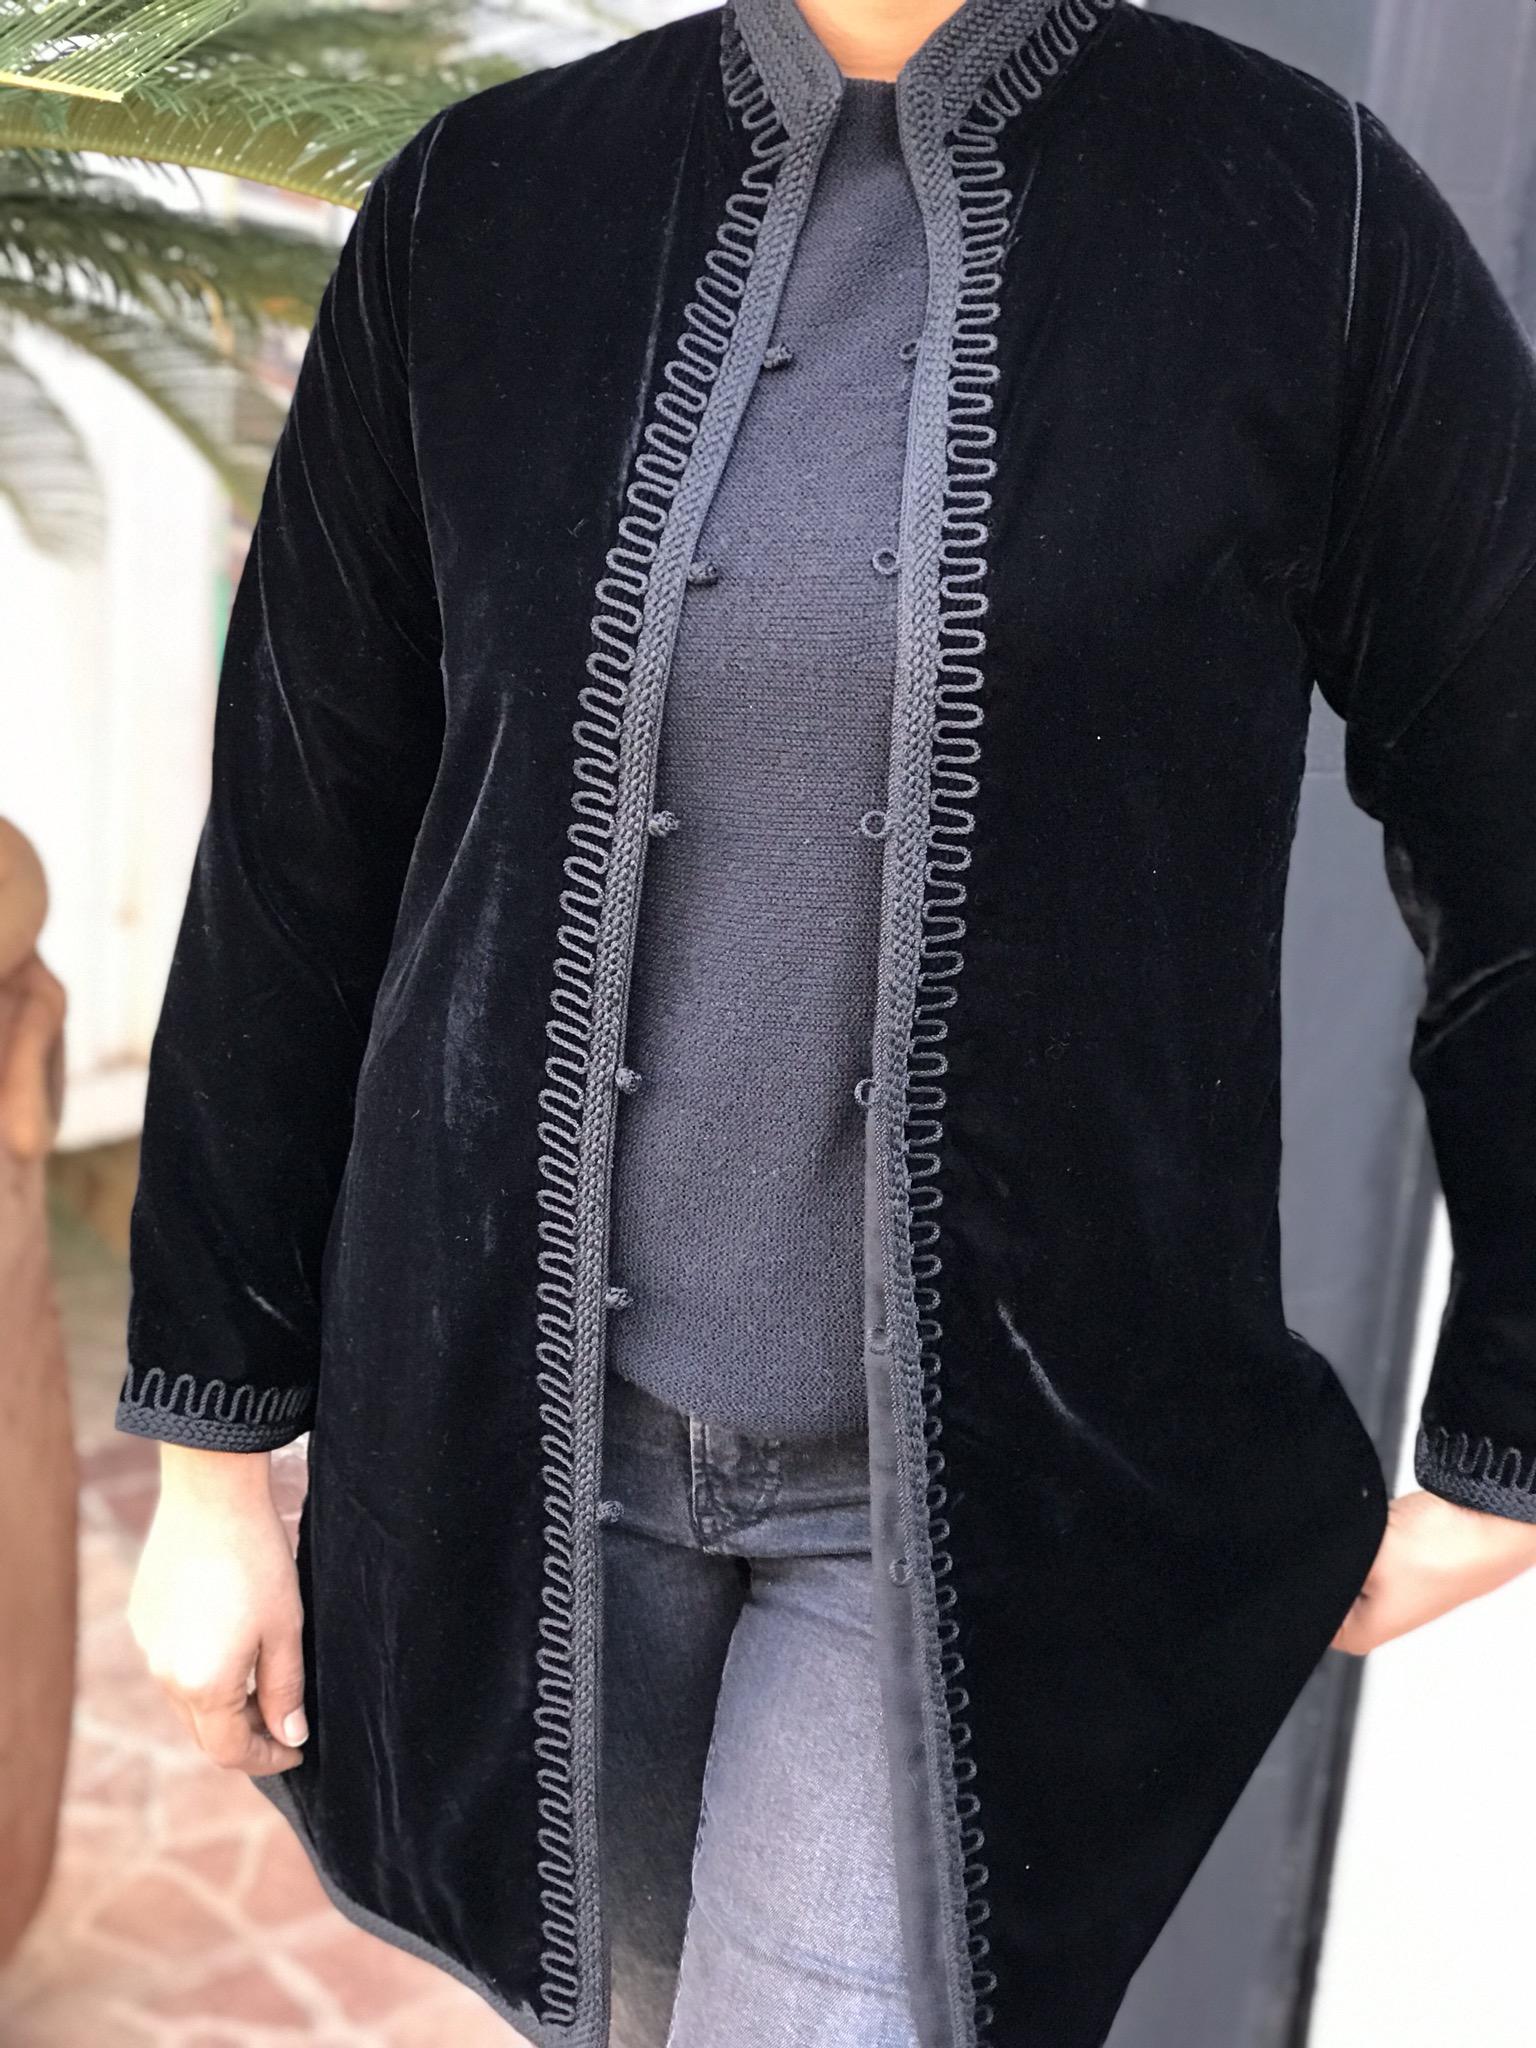 Tunic velvet black with zwaq & aqadi